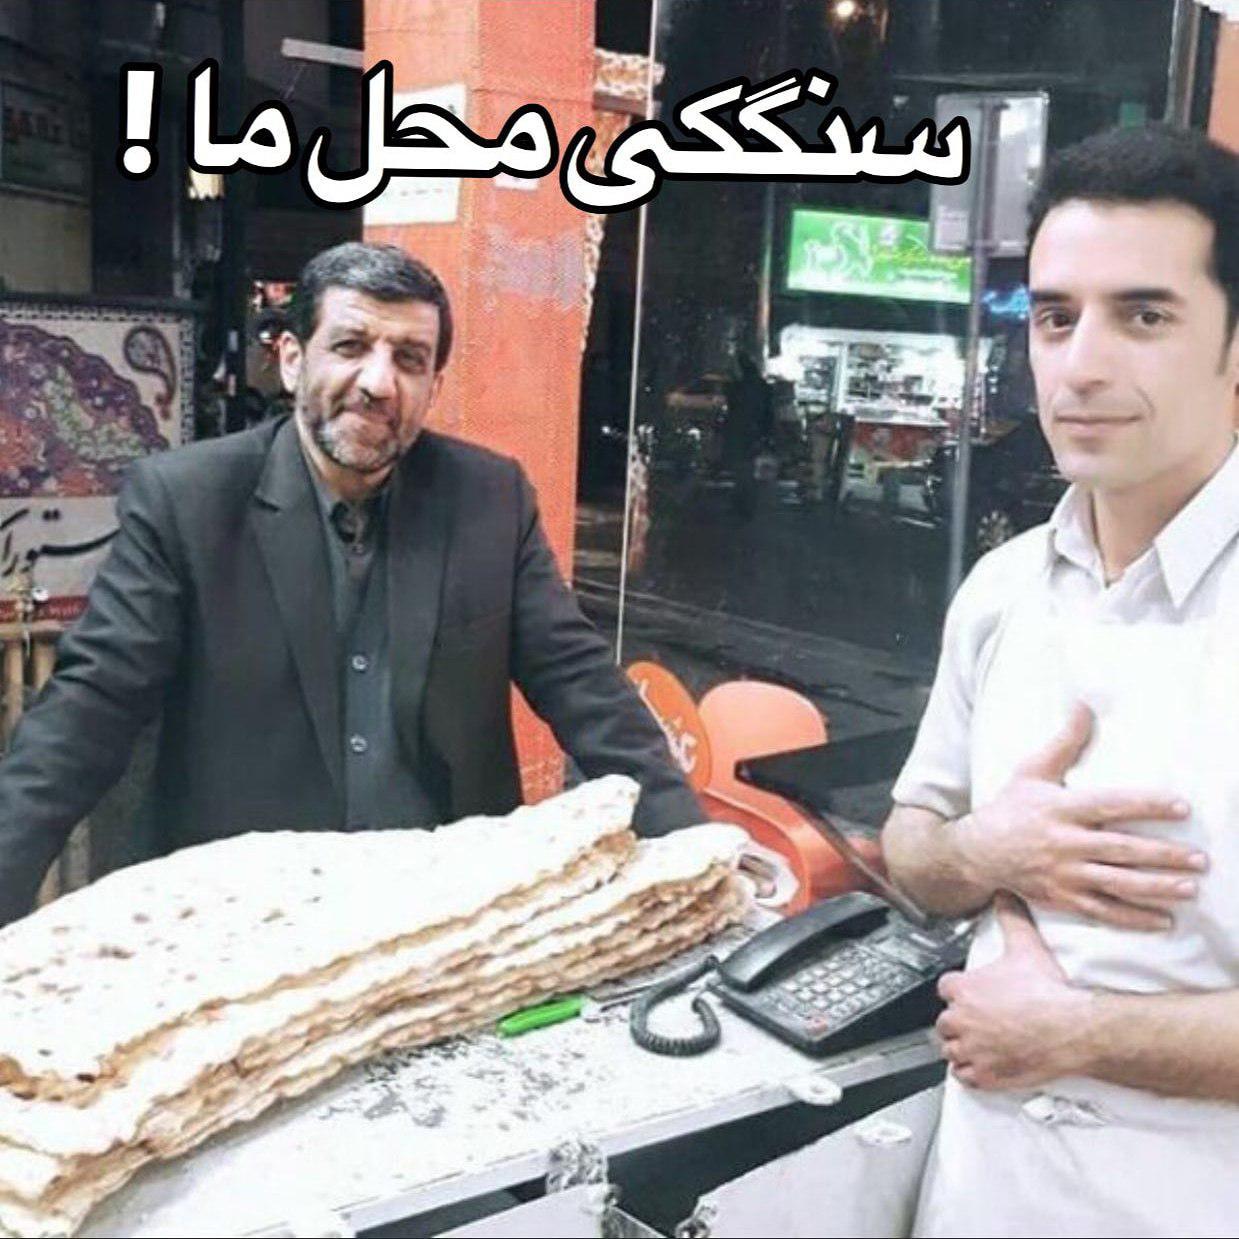 معرفی یک کالای ایرانی بی رقیب توسط ضرغامی +عکس